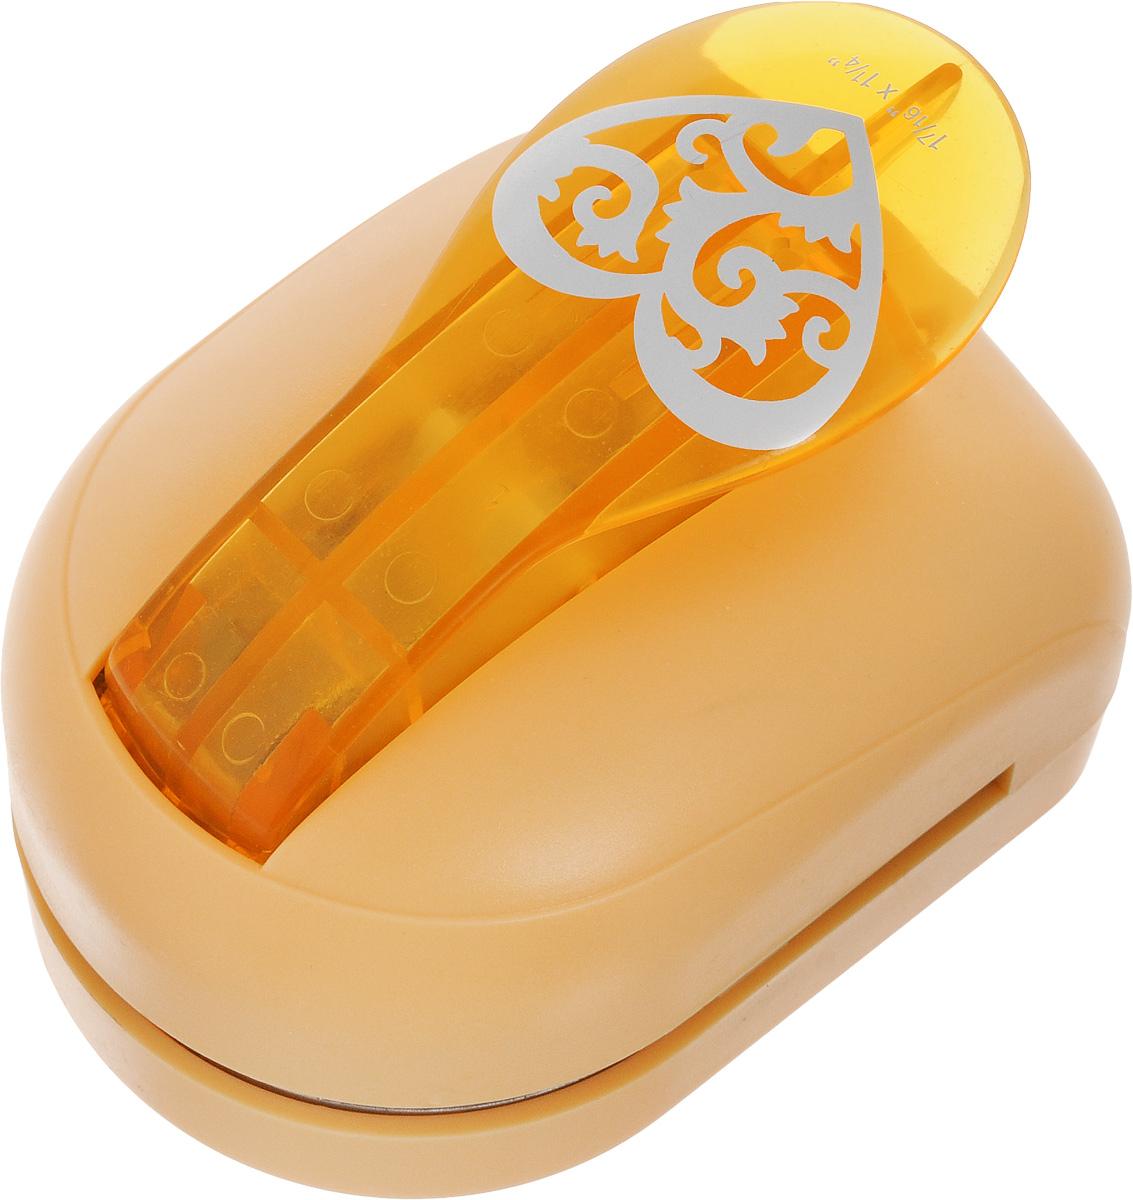 Дырокол фигурный Hobbyboom Сердце резное, №7, цвет: оранжевый, 5 х 5 смJF-33CM-007_оранжевый/сердцеФигурный дырокол Hobbyboom Сердце резное предназначендлясоздания творческих работ втехнике скрапбукинг. С его помощью можно оригинальнооформить открытки, украсить подарочные коробки, конверты,фотоальбомы.Дырокол вырезает из бумаги идеально ровное сердце.Используется для прорезания фигурныхотверстий в бумаге. Вырезанный элемент также можноиспользовать для украшения.Чтобы заточить нож компостера,нужно прокомпостировать самую тонкую наждаку. Чтобы смазатьрежущий механизм -парафинированную бумагу.Размер готовой фигурки: 5 х 5 см.